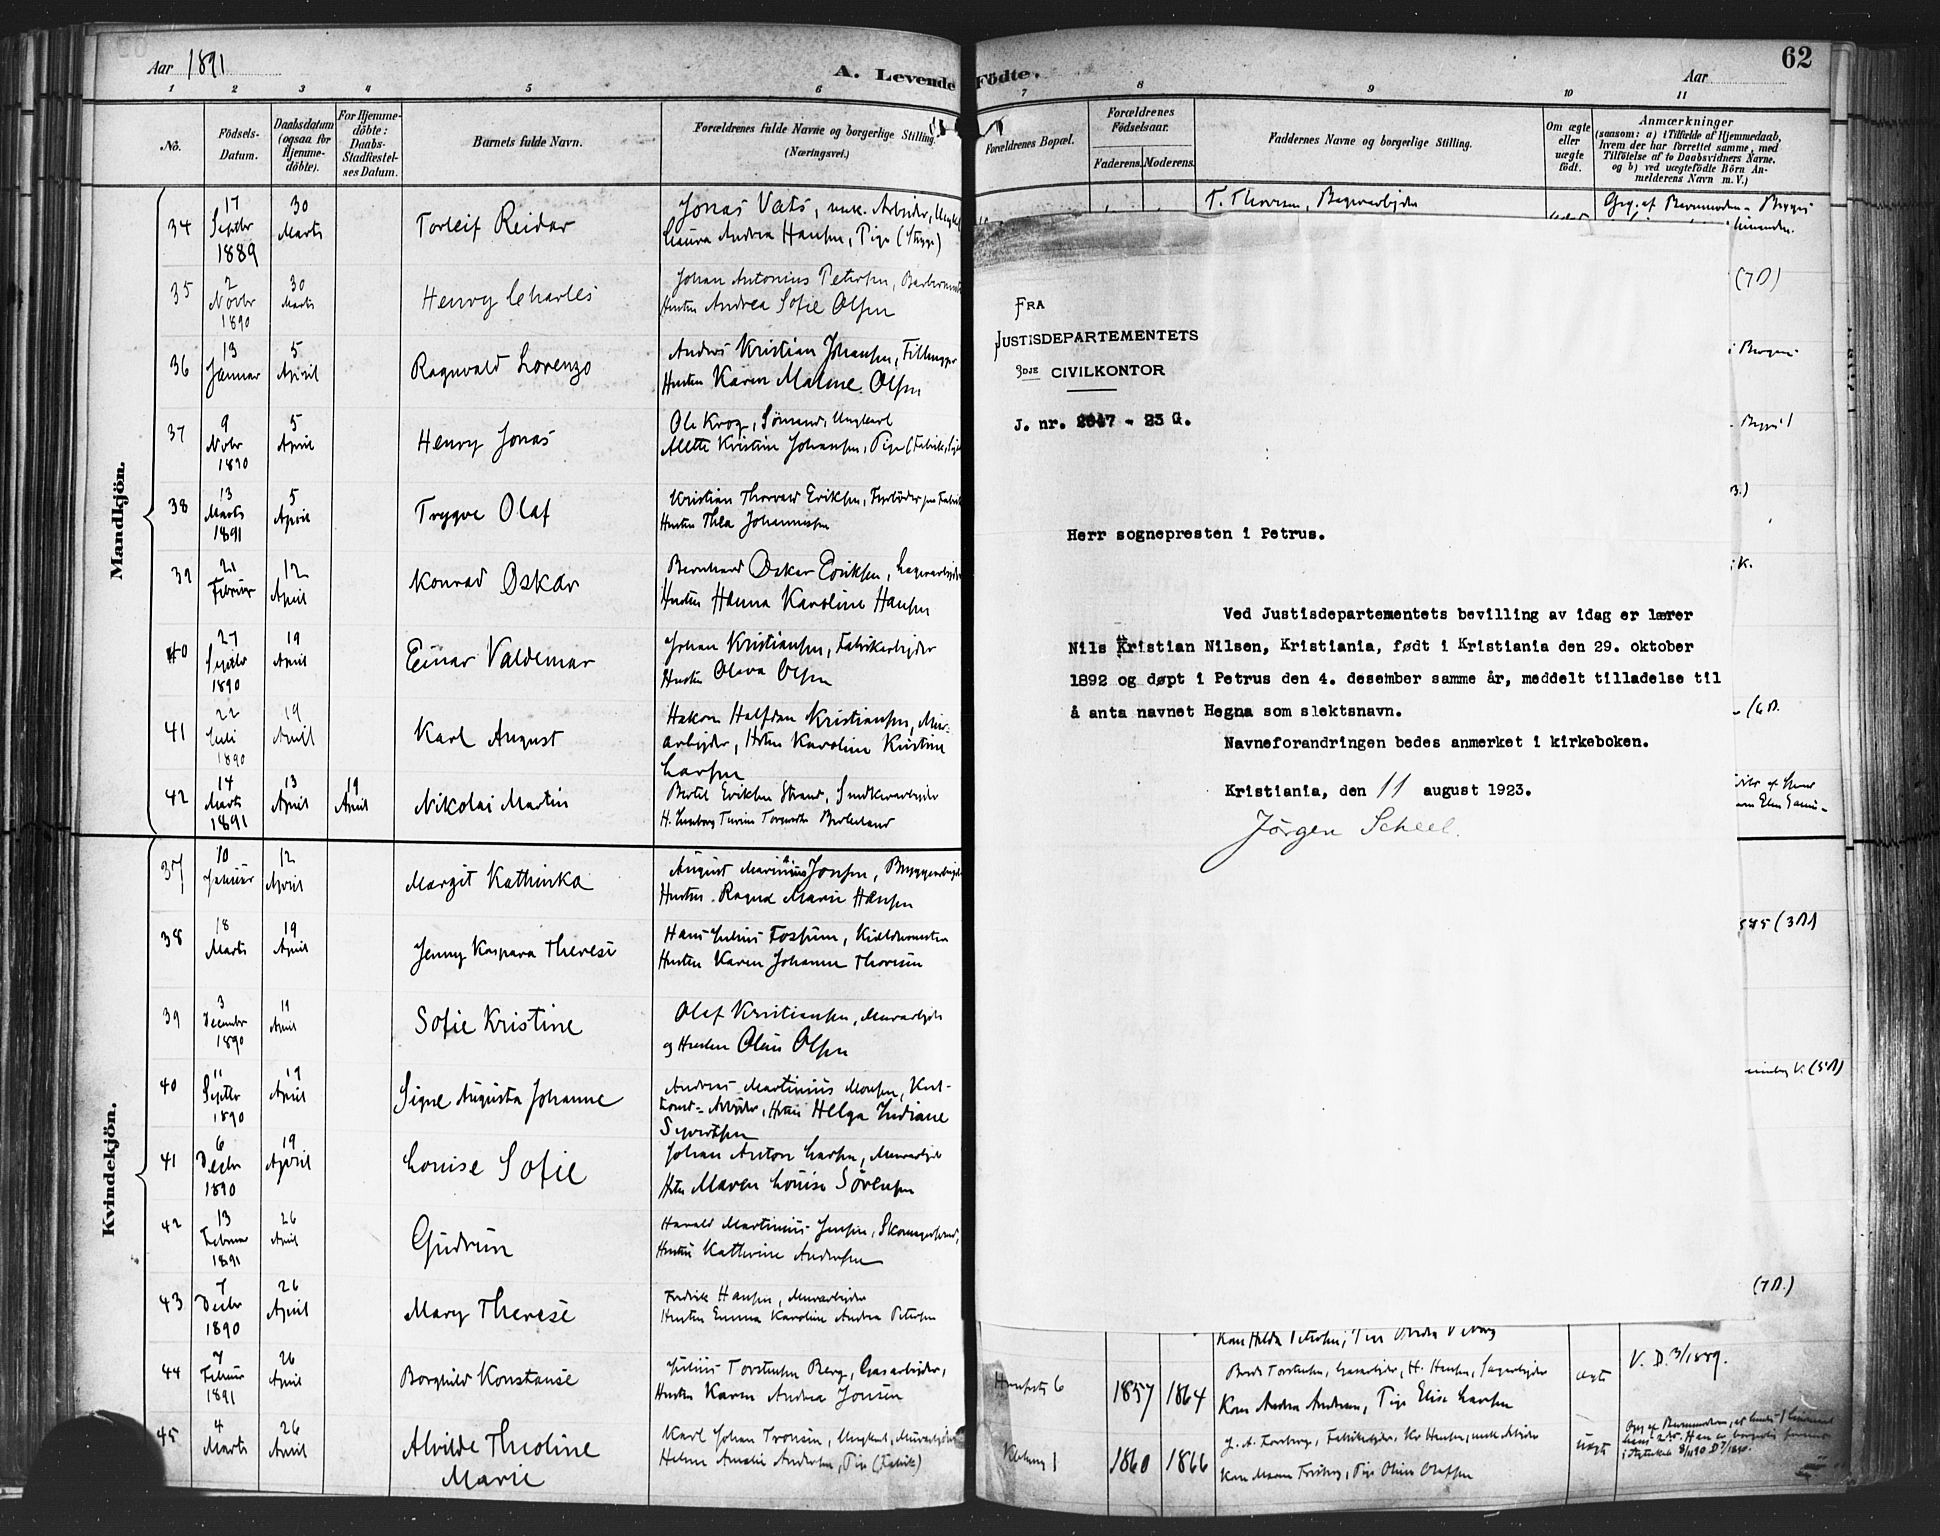 SAO, Petrus prestekontor Kirkebøker, F/Fa/L0004: Ministerialbok nr. 4, 1888-1898, s. 62